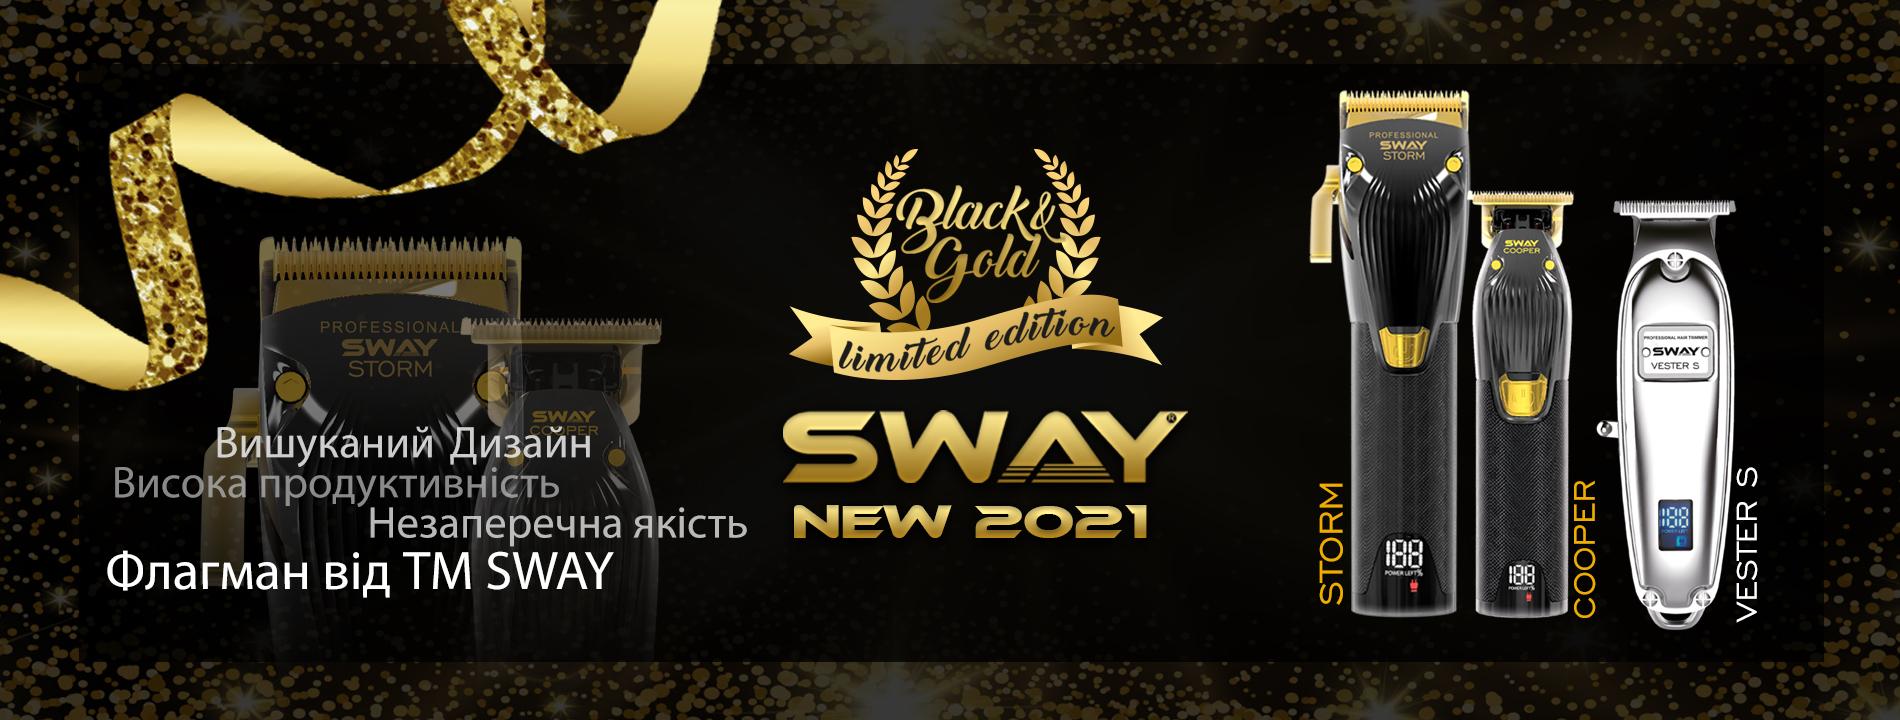 sway new